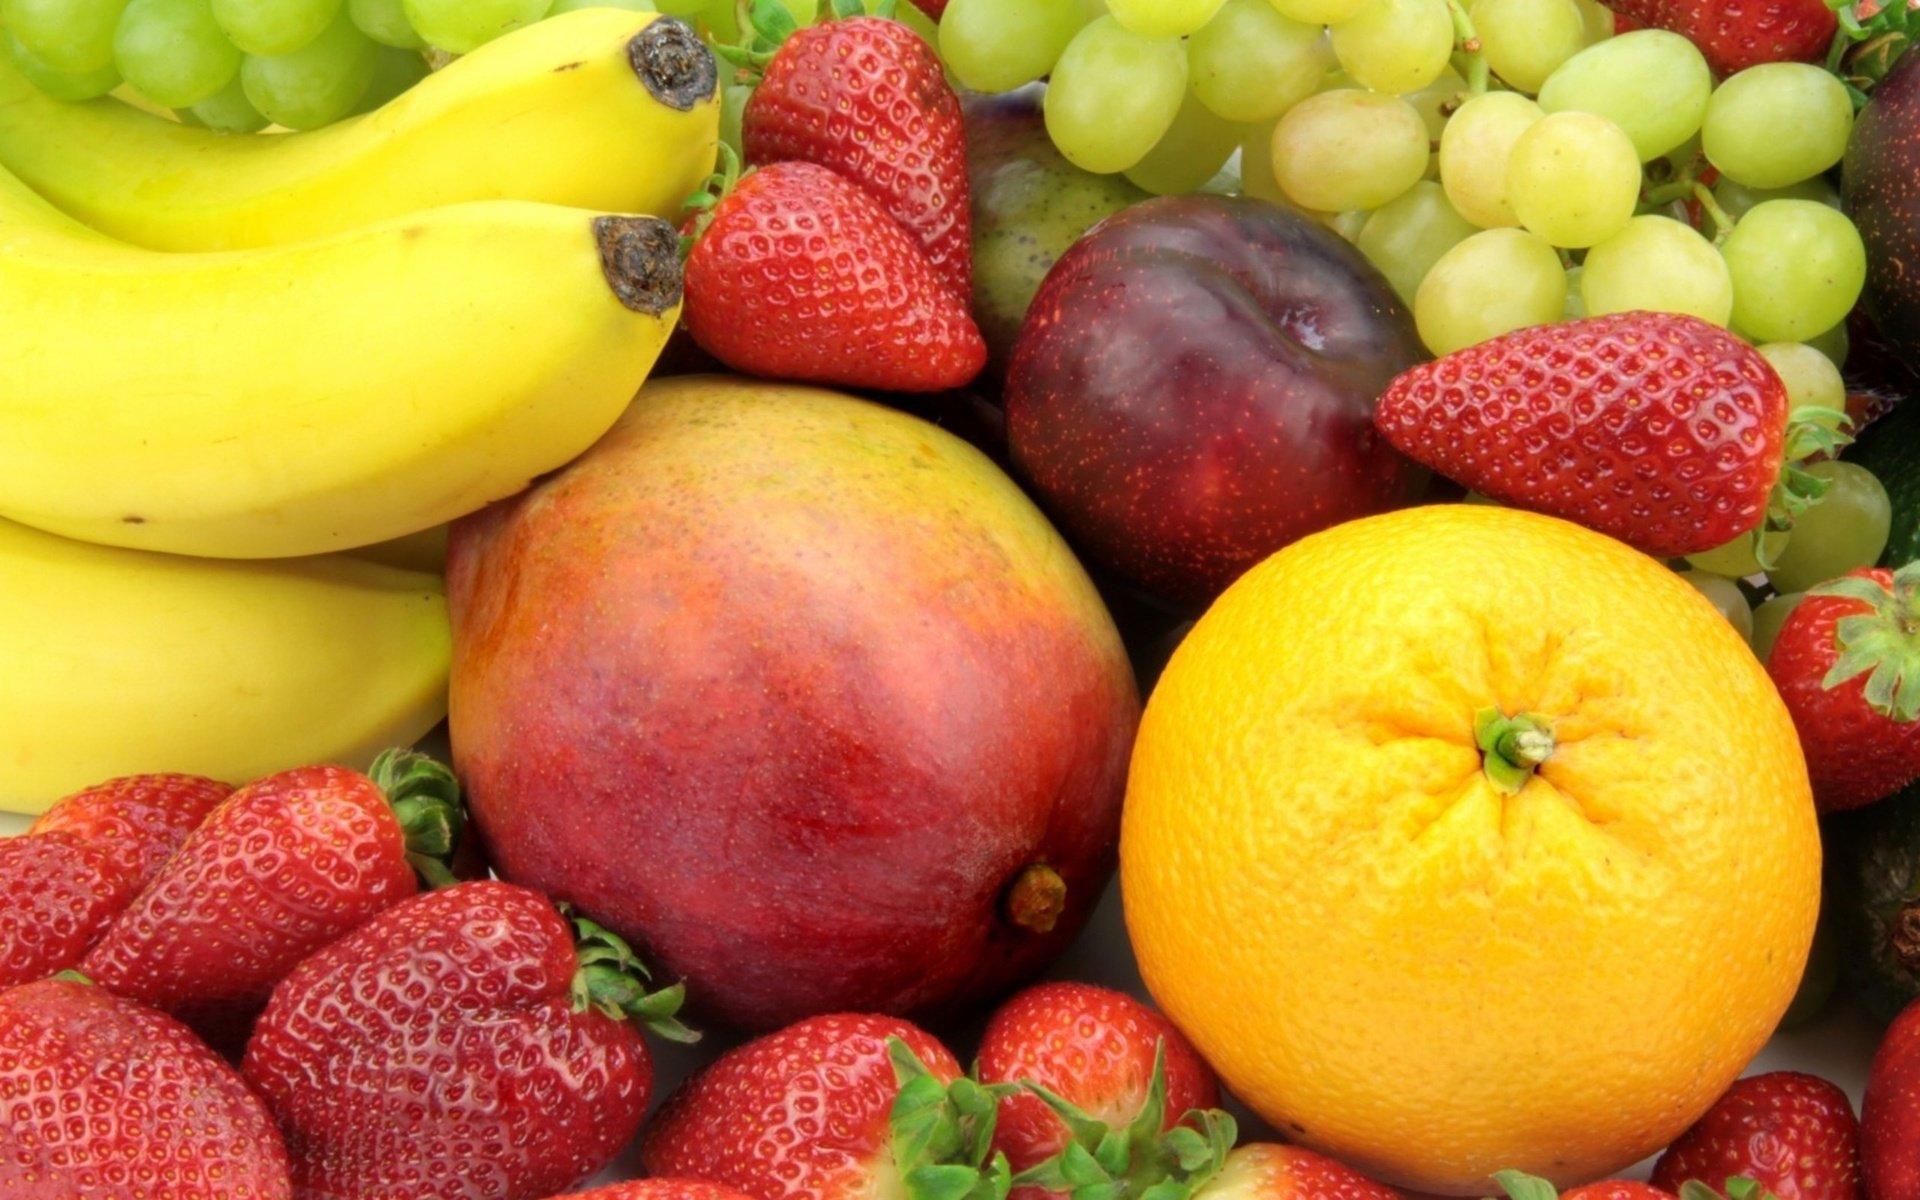 фото фруктов и ягод в высоком качестве фото плохо